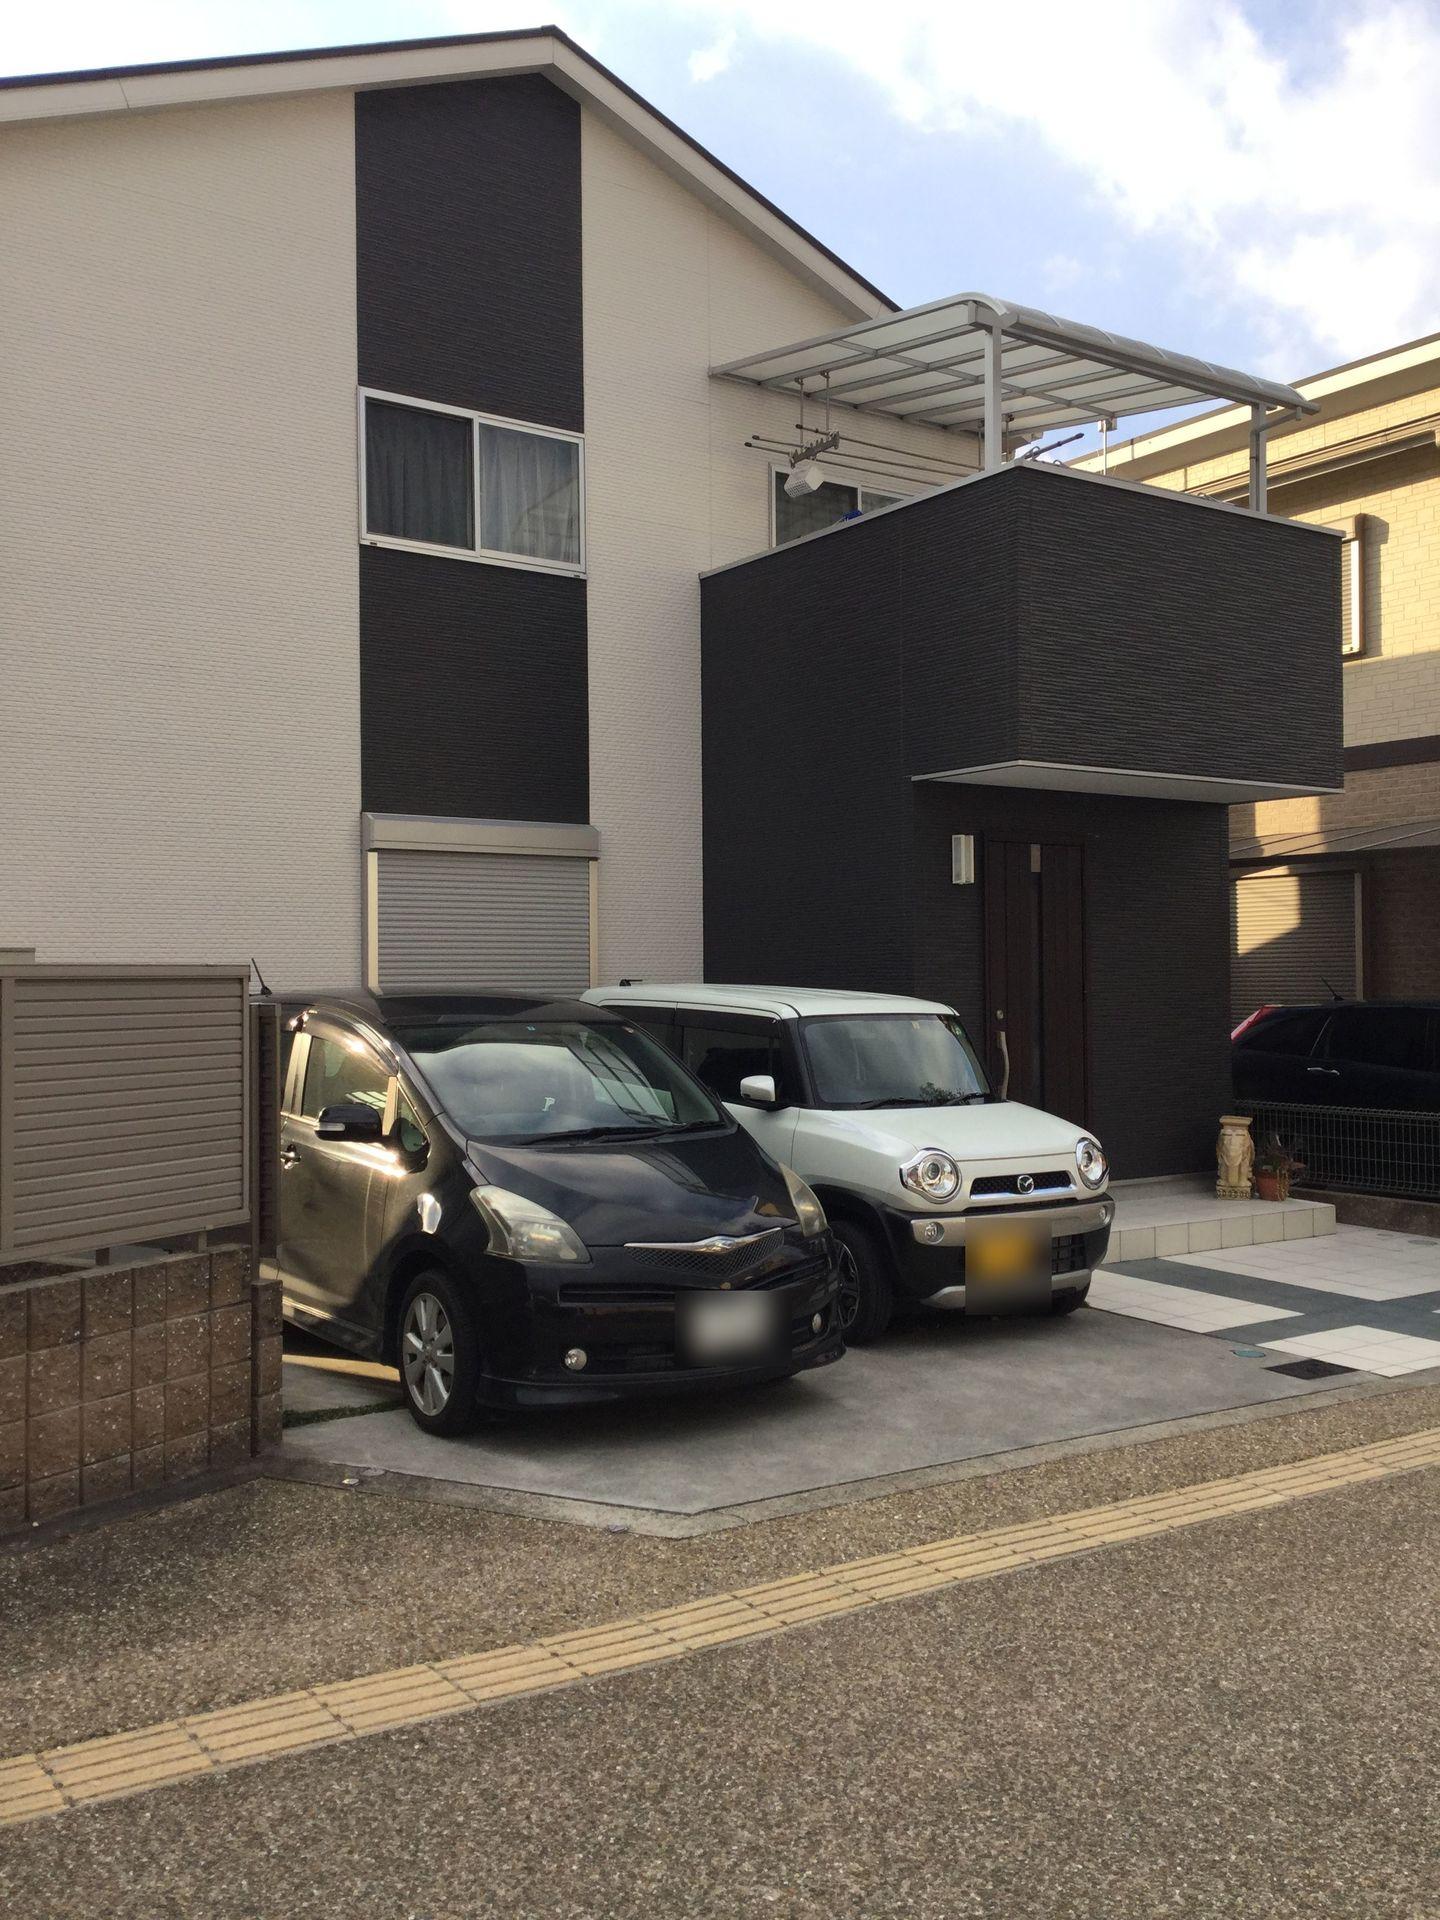 【外観写真】 駐車2台可能。 前面道路幅も約12mございますので 大型車でも楽々出入りして頂けます。